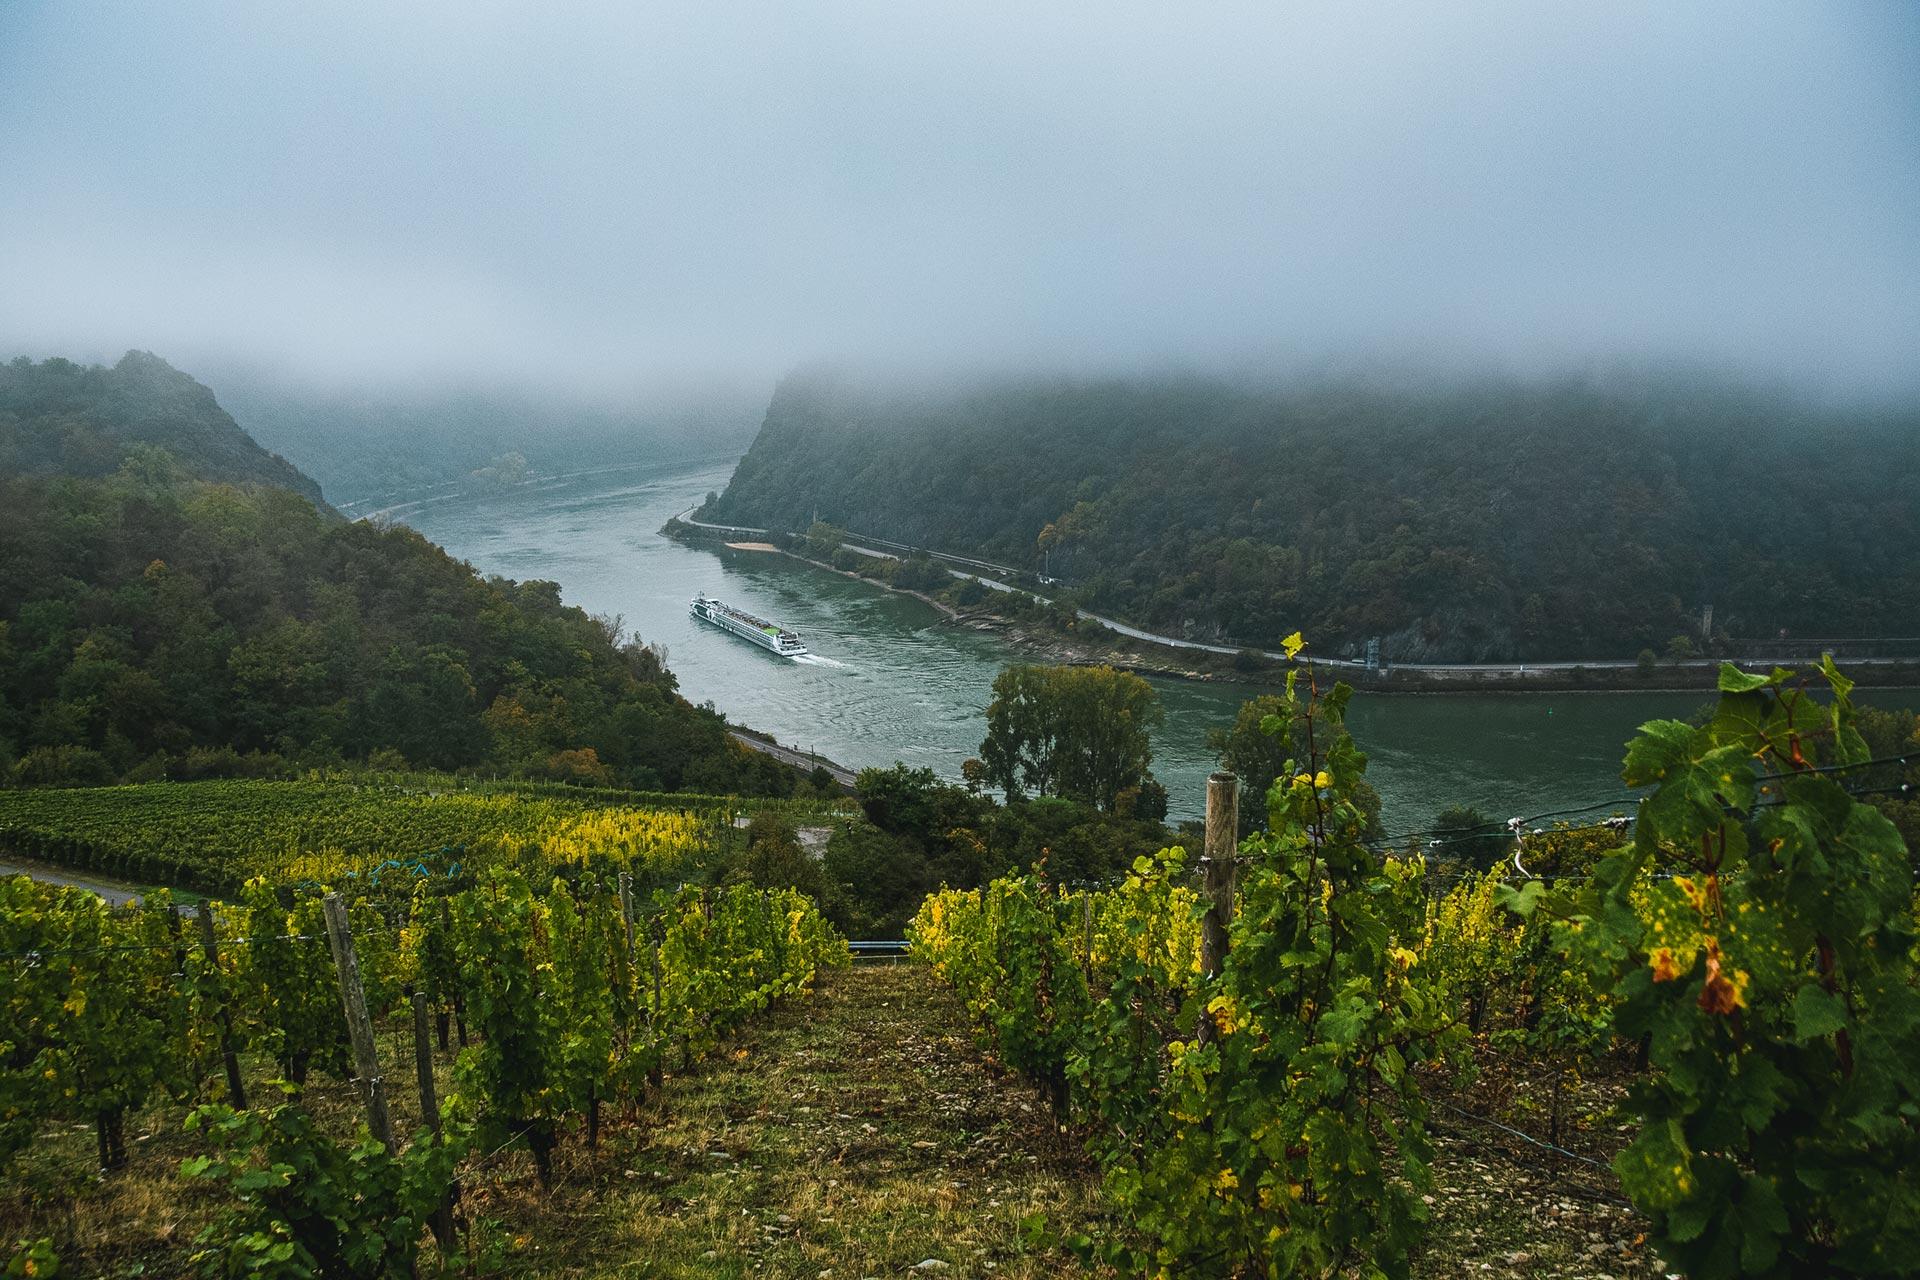 Oberhalb des Rheins inmitten der Weinhänge – Rheinsteig Loreley verzaubert.